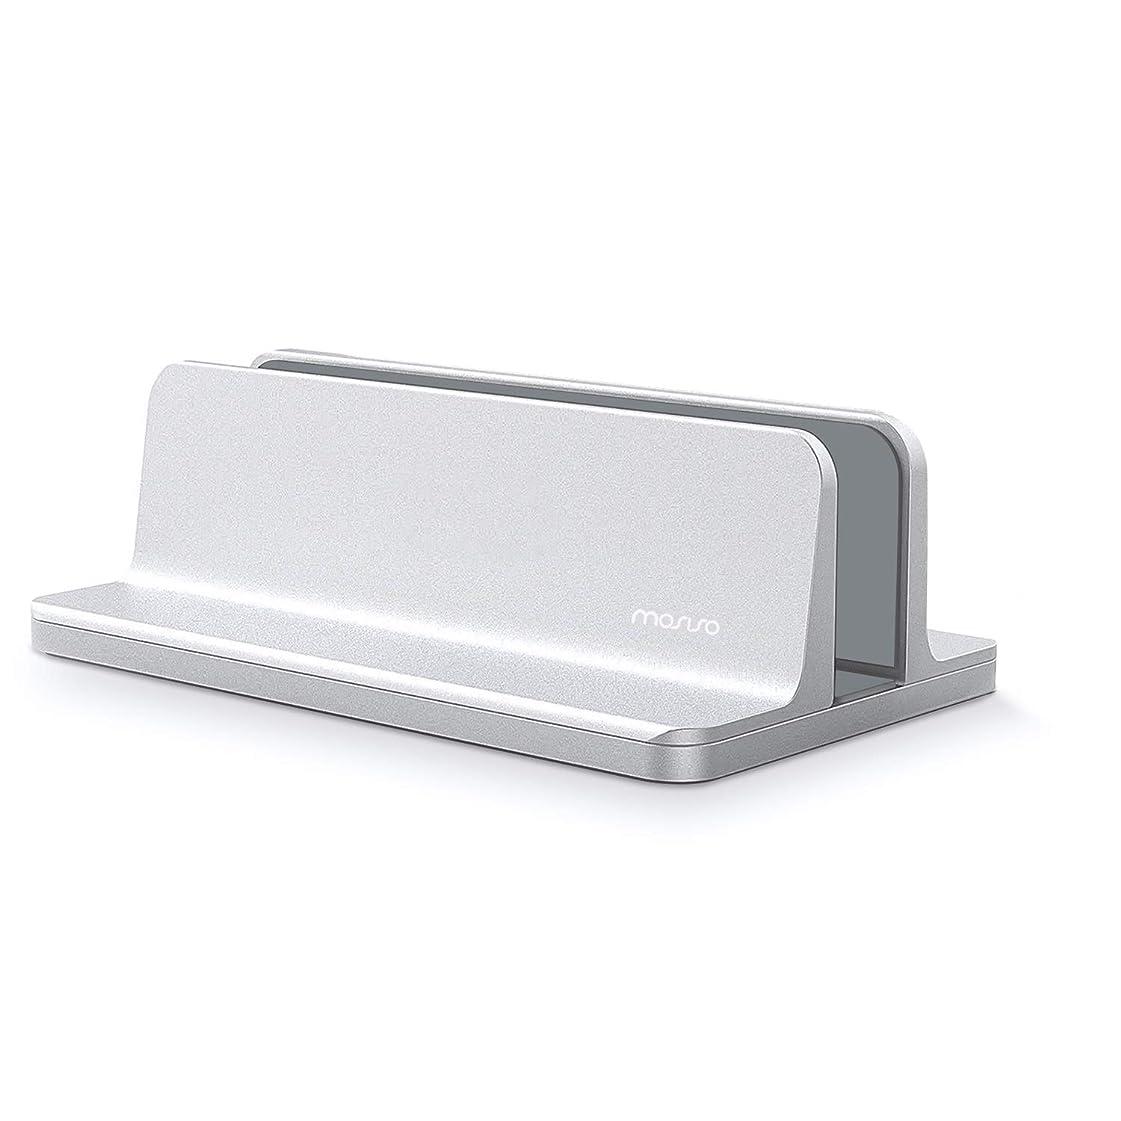 紳士気取りの、きざな気怠い滑りやすいMosiso ノートパソコン スタンド 縦置き U型 冷却 収納 ノート pc スタンド ホルダー 幅調節可能 iPad Pro/MacBook Air/MacBook Pro/Surface Pro/ラップトップ適用 アルミ製(シルバー)